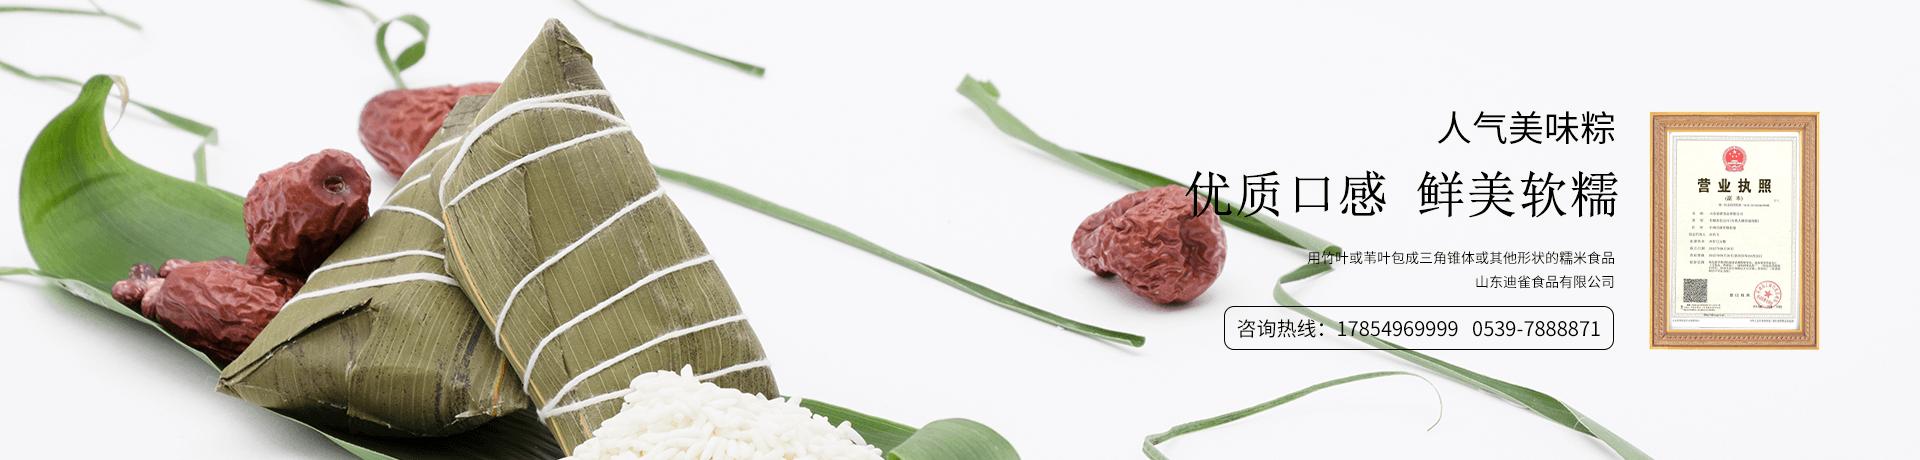 山东迪雀食品有限公司是一家生产速冻饺子,馄饨的批发厂家,同时经营手工粽子,山东馒头等一系列美食,带给您体验不一样的味蕾享受,联系电话: